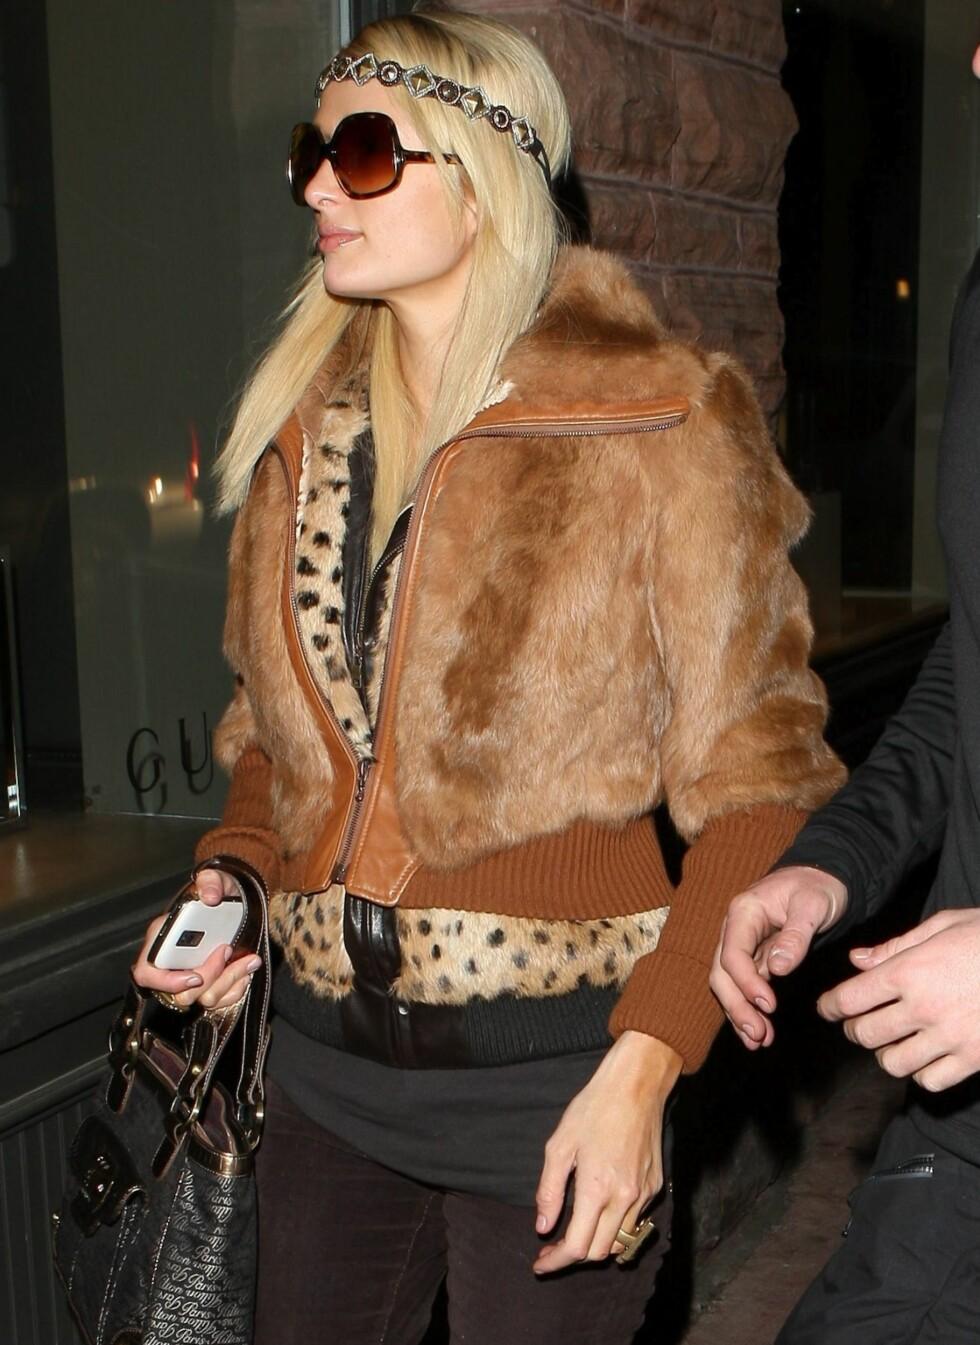 Paris Hilton klarer å kjøre den vante, dyriske stilen sin selv om kulda biter. Her er hun ikledd en brun jakke i pels over en leopardmønstret jakke.  Foto: All Over Press